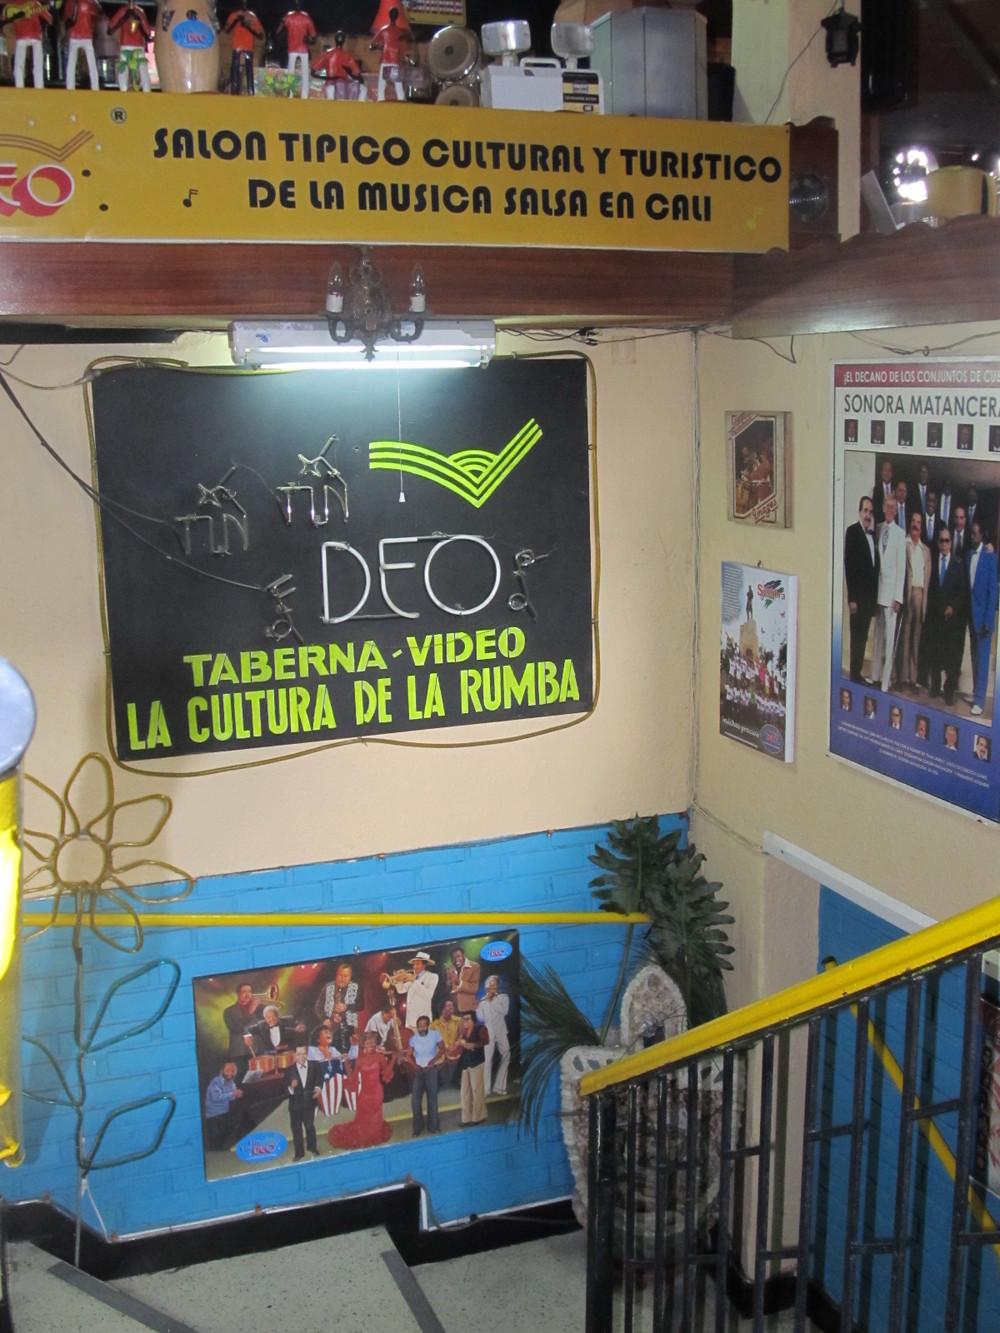 T in Tin Deo, uno de los sitios favoritos para ir a bailar salsa en Cali.